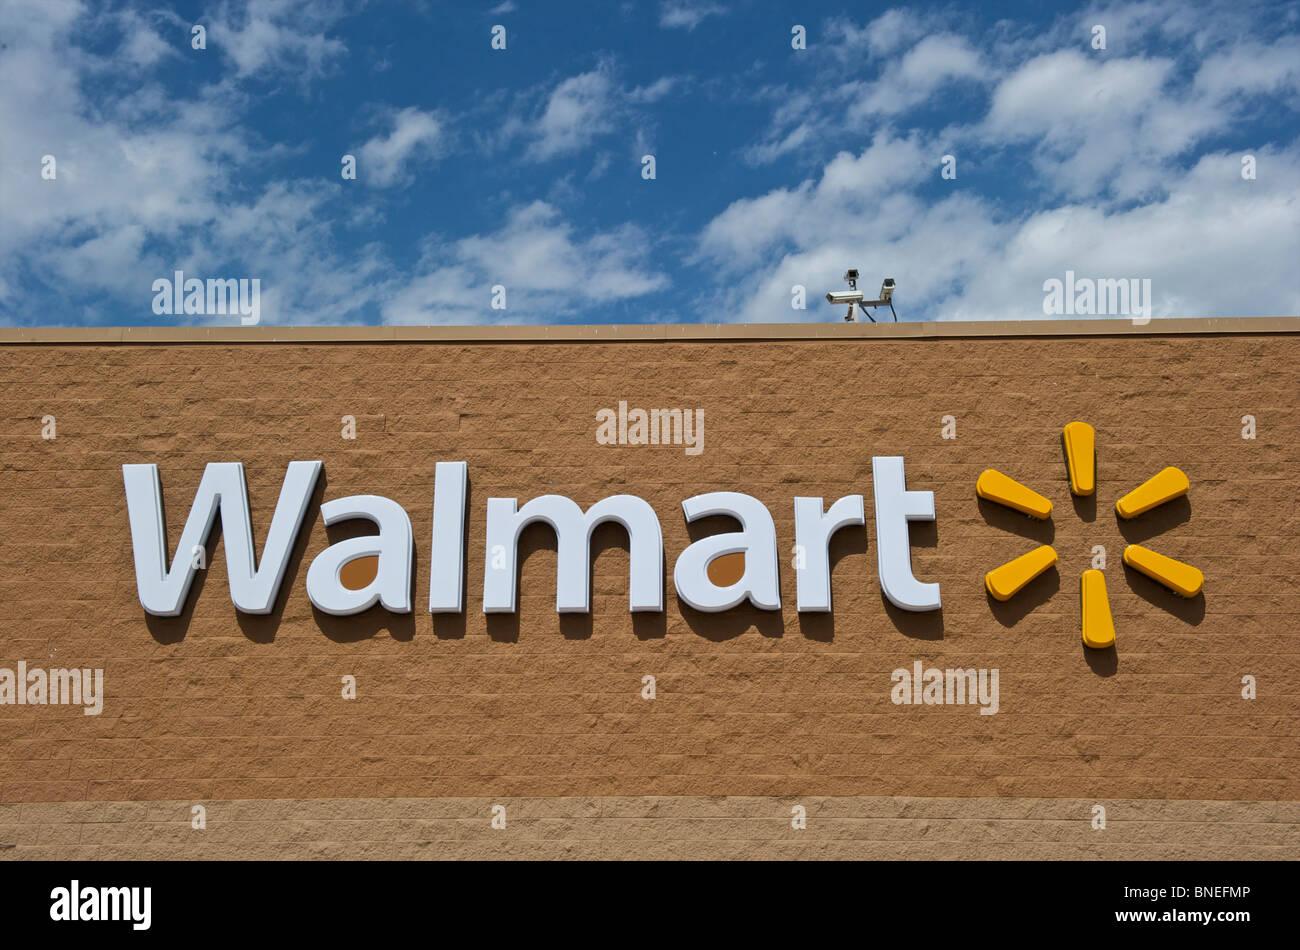 Pancarte et le logo d'une chaîne de magasins Walmart Banque D'Images